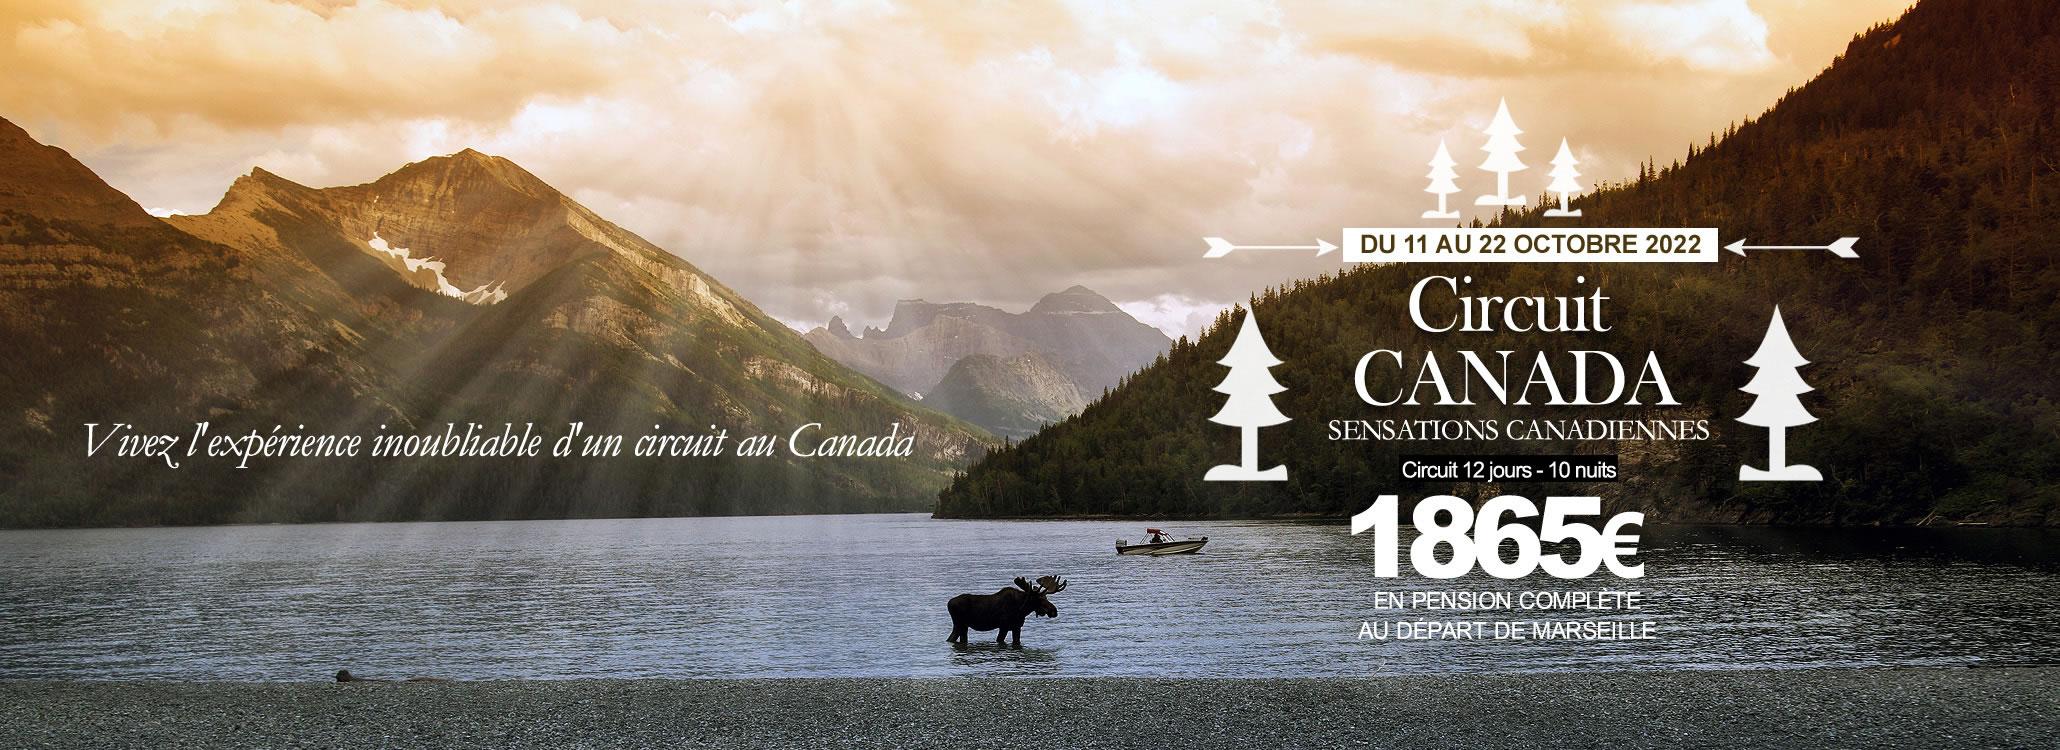 diaporama-CANADA-2022-v2